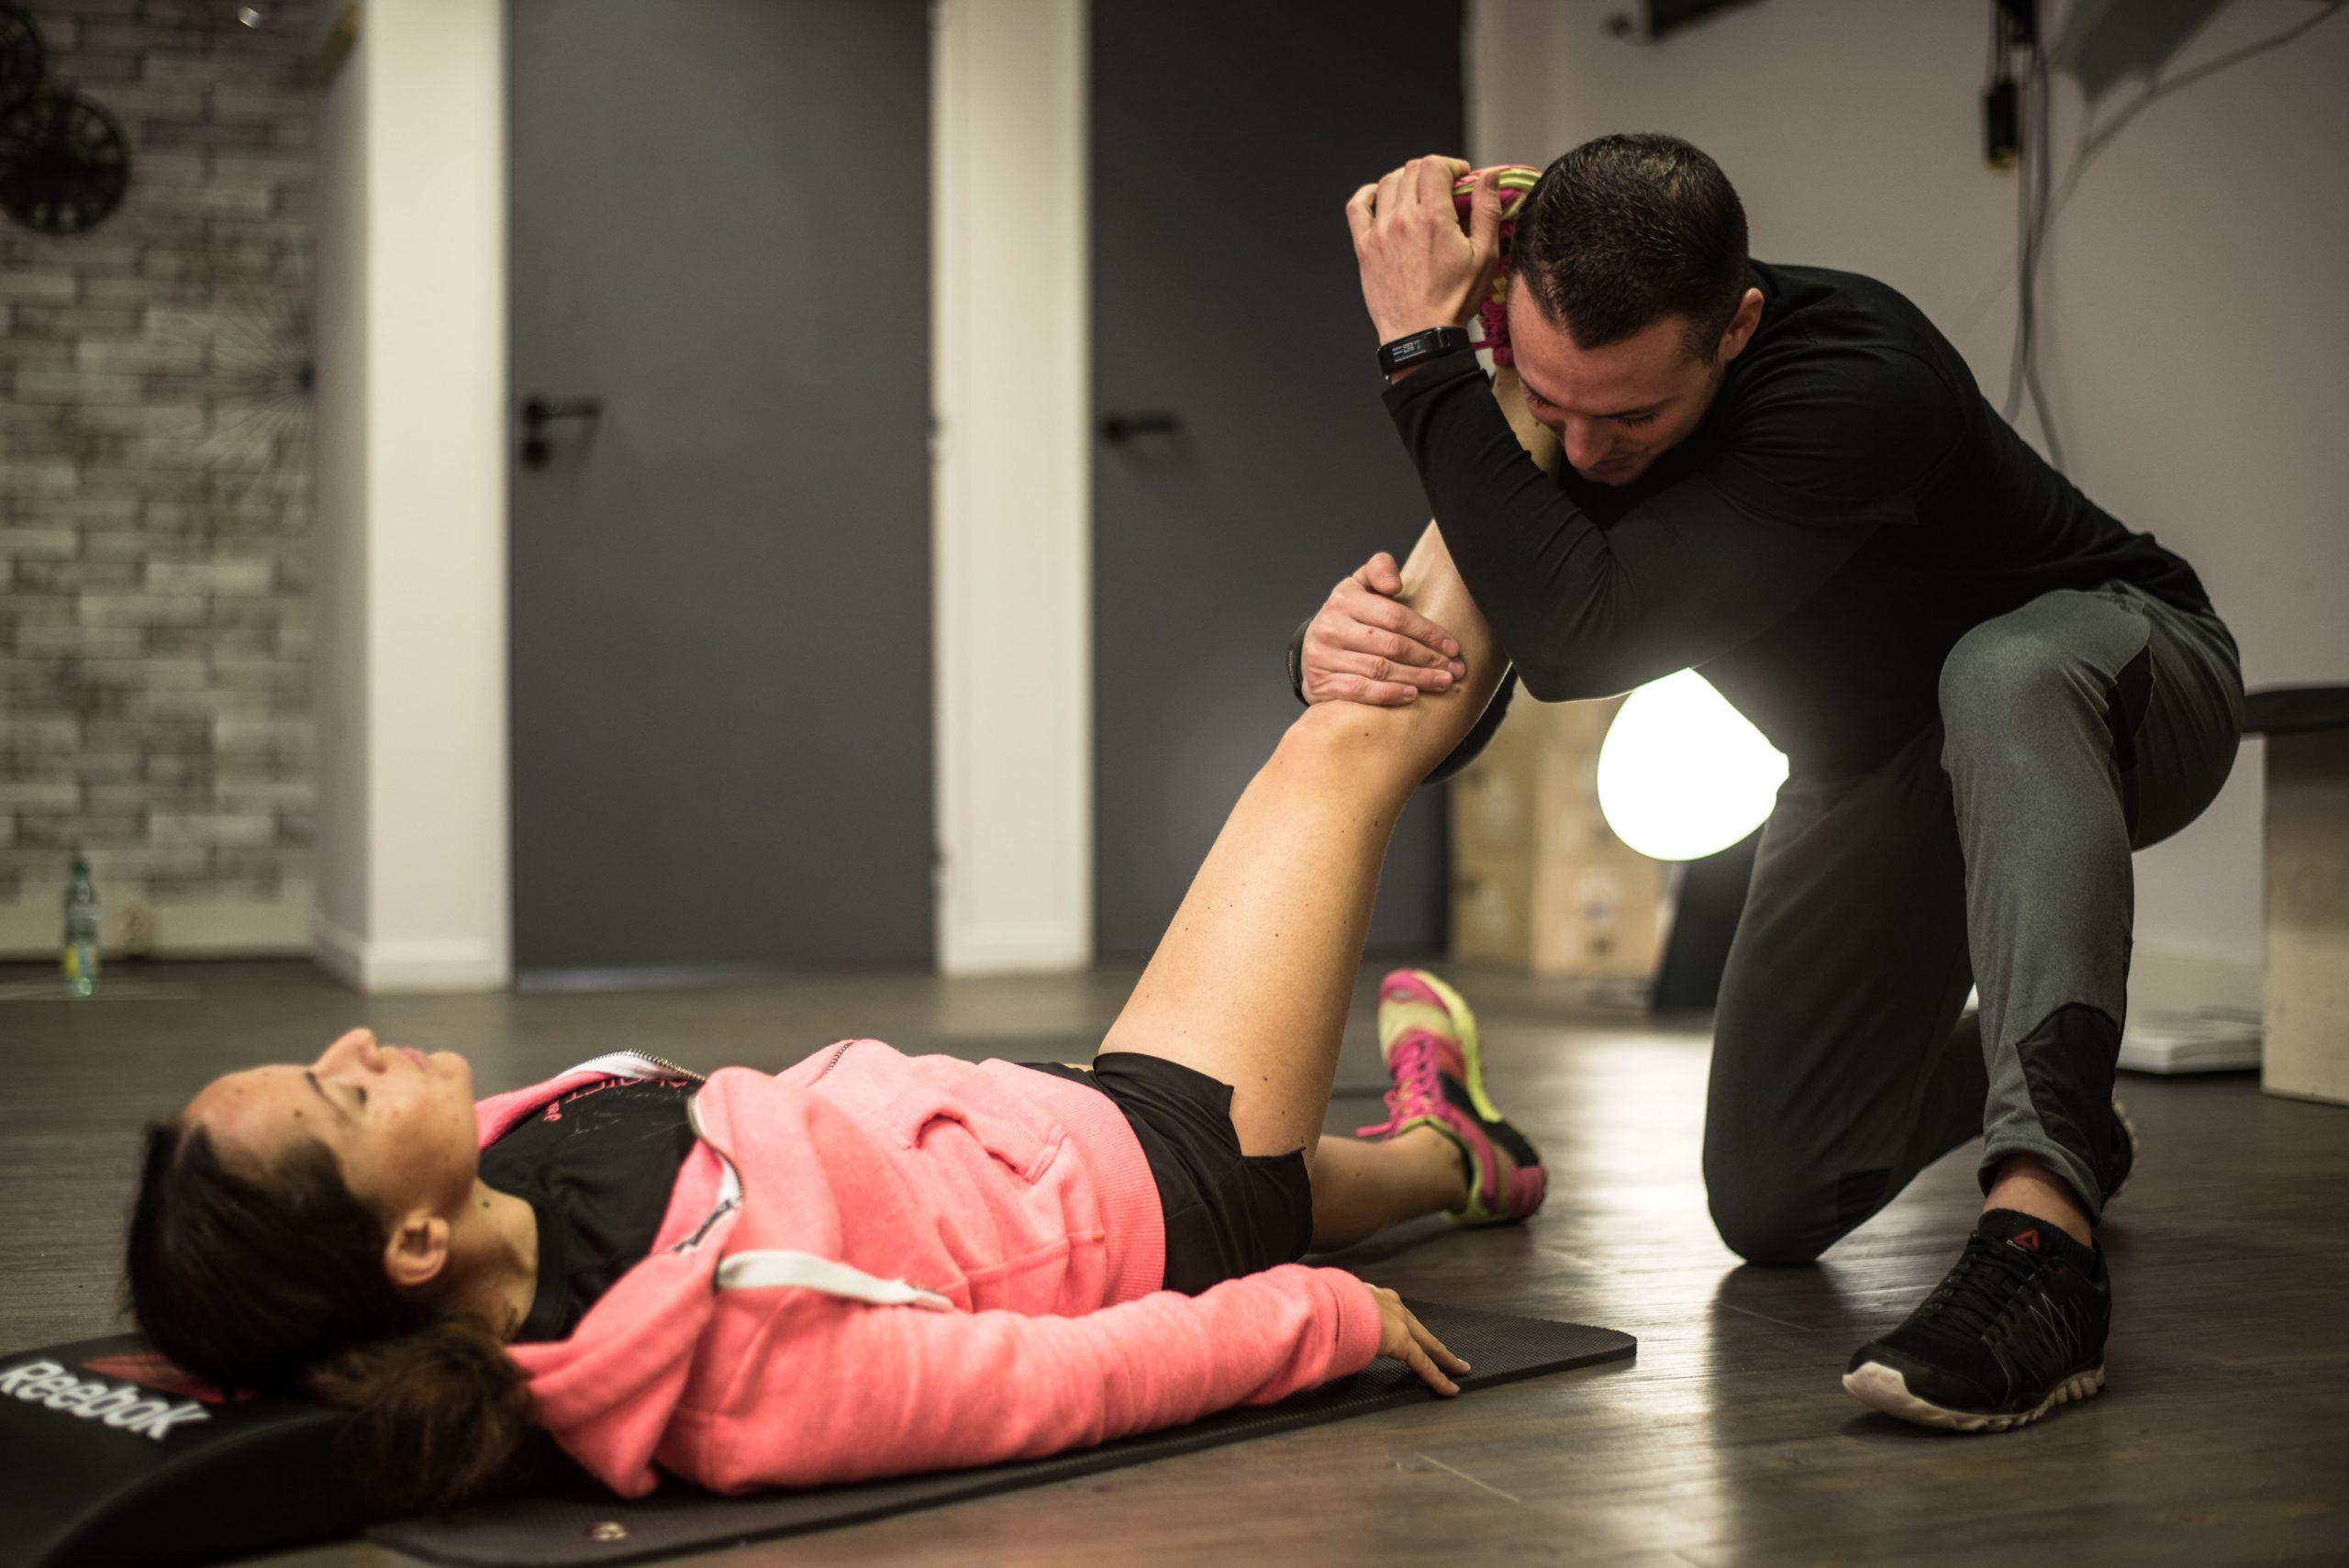 Comment réussir son entraînement sans se faire mal ?